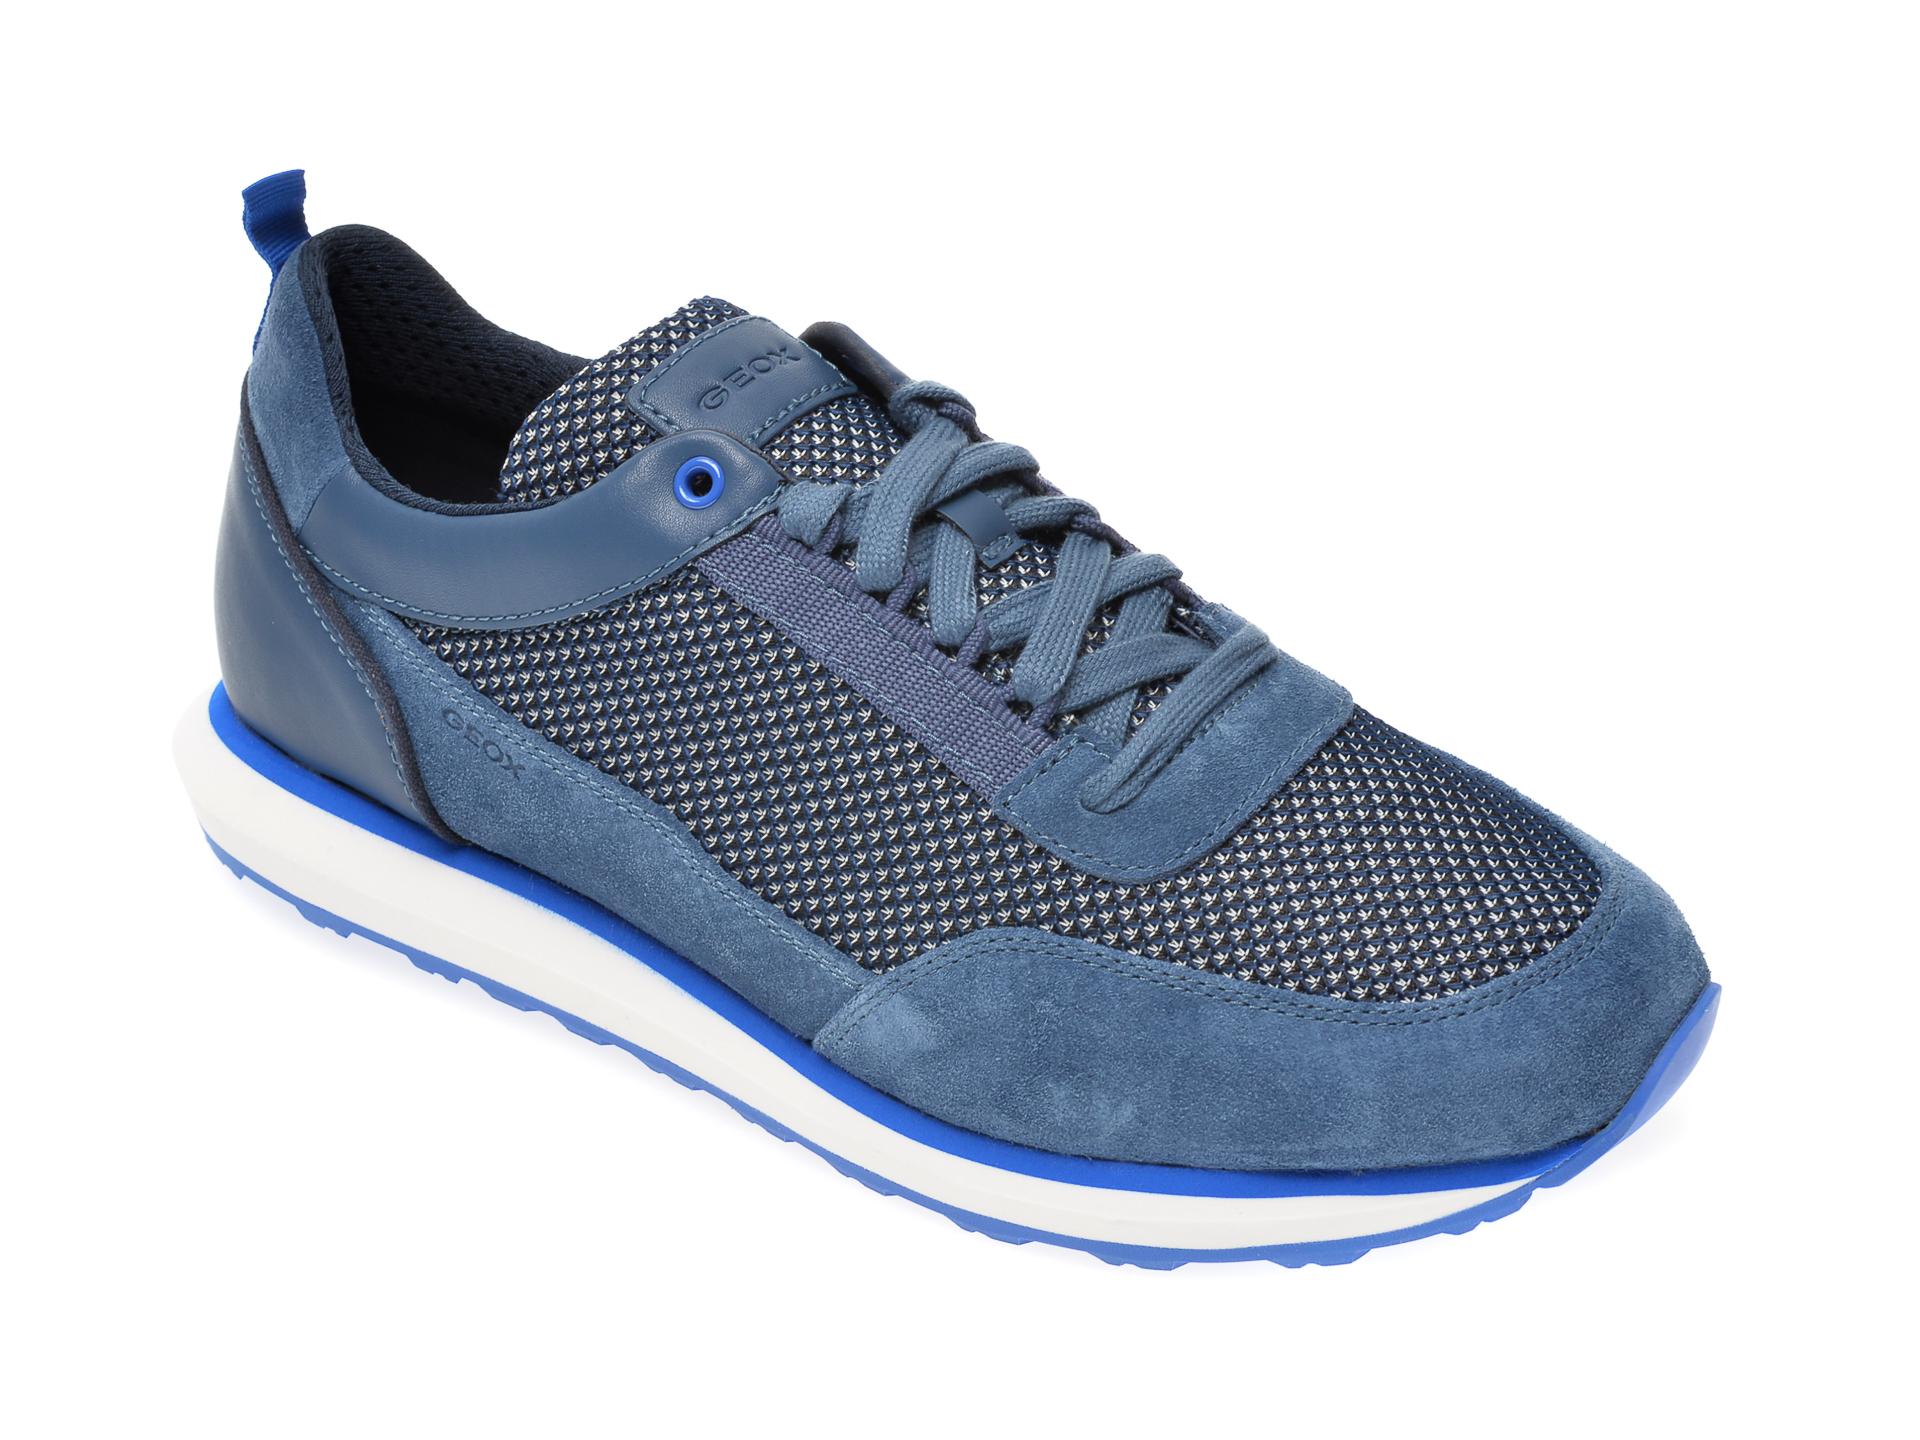 Pantofi sport GEOX albastri, U029WC, din material textil si piele naturala